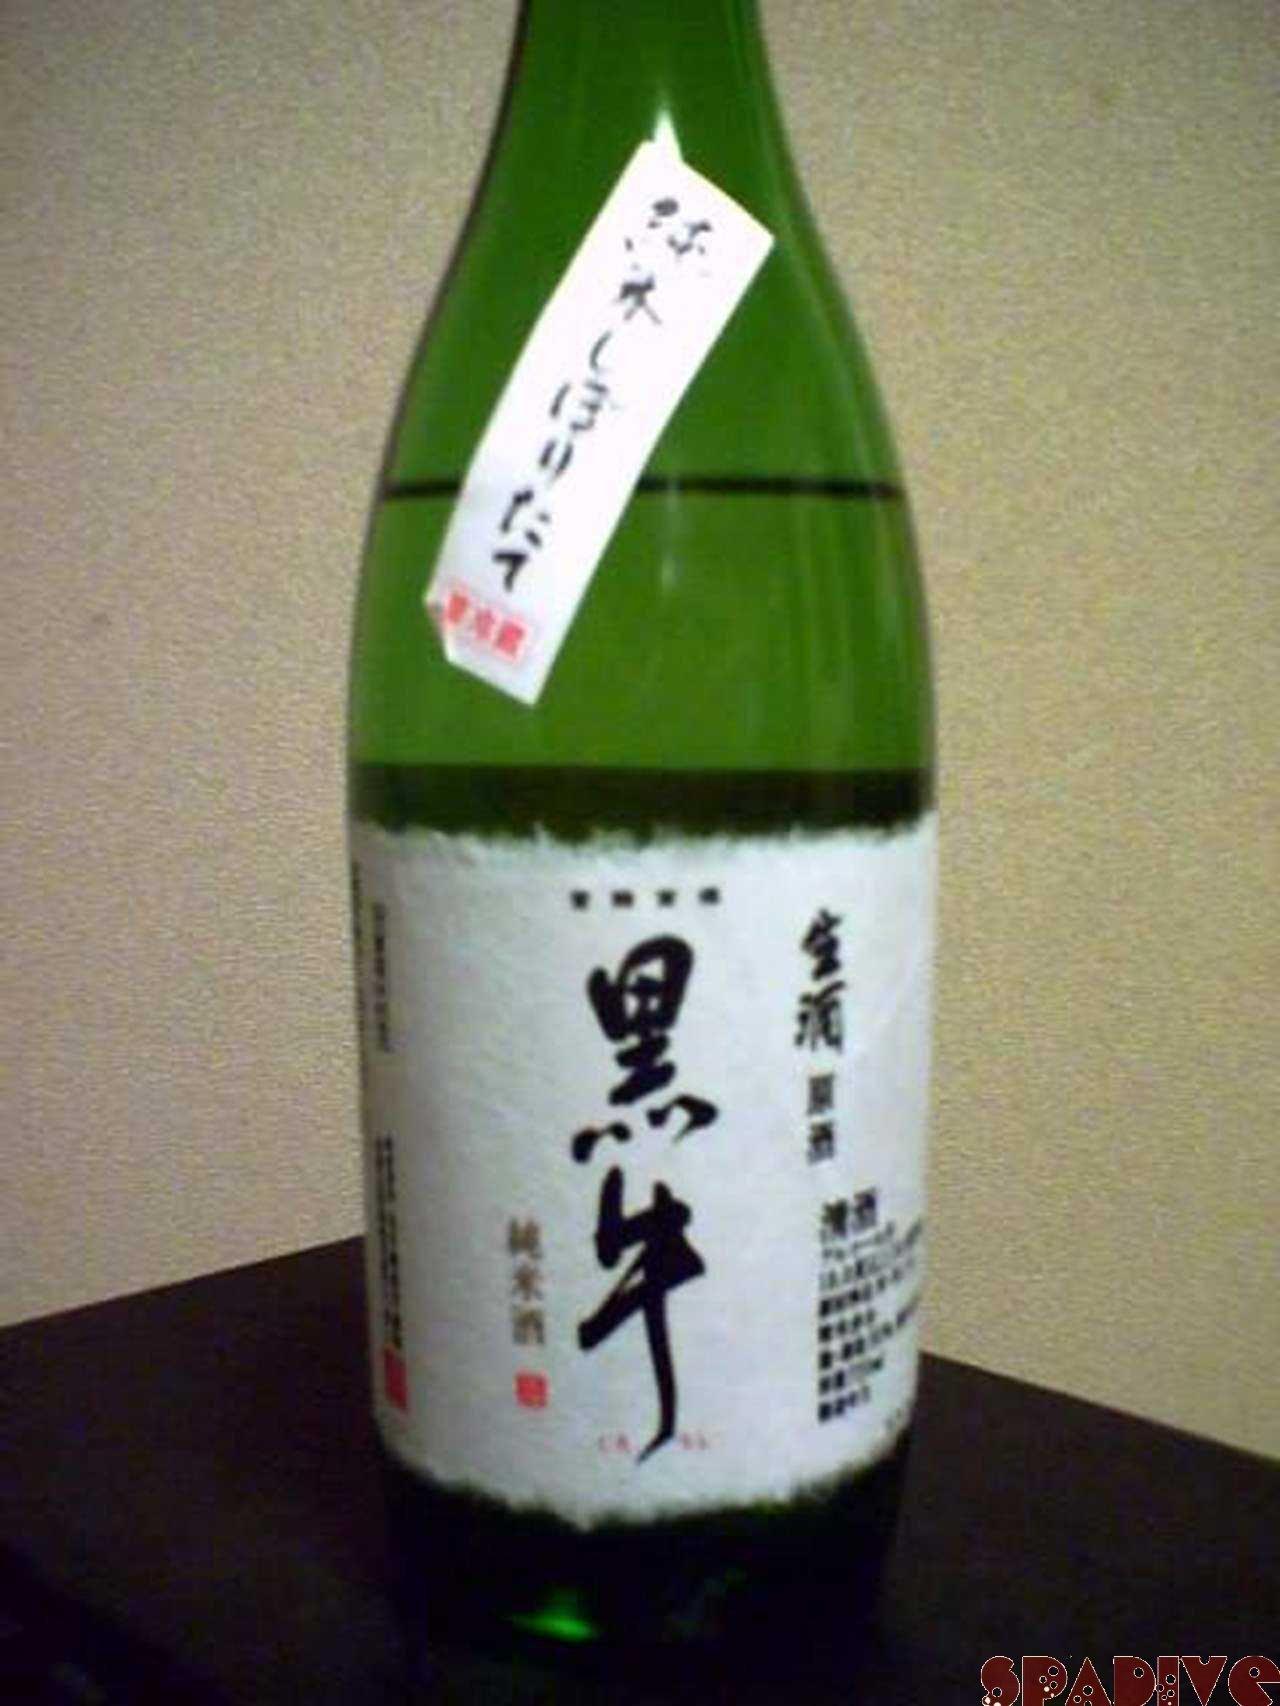 地酒 黒牛 純米しぼりたて生酒原酒|1/16/2006